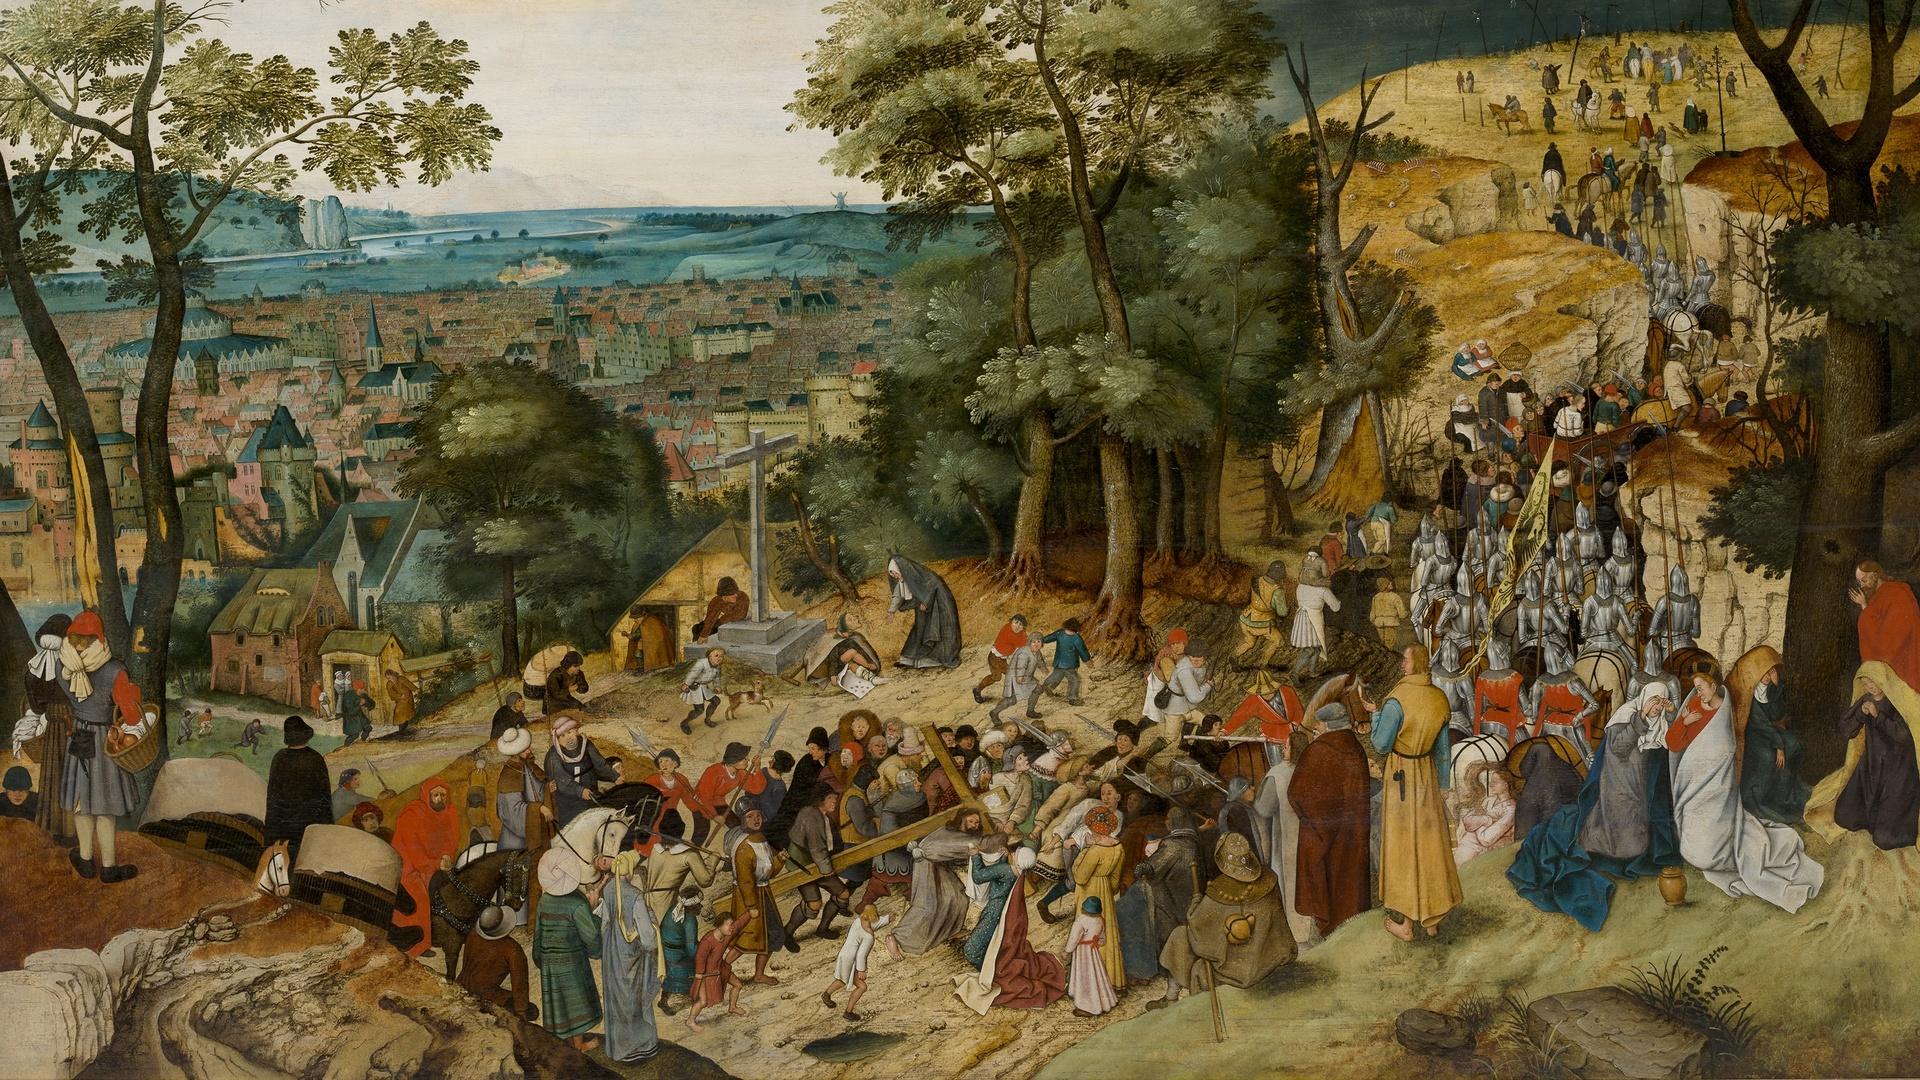 Brueghel en tijdgenoten: kunst als verborgen verzet?